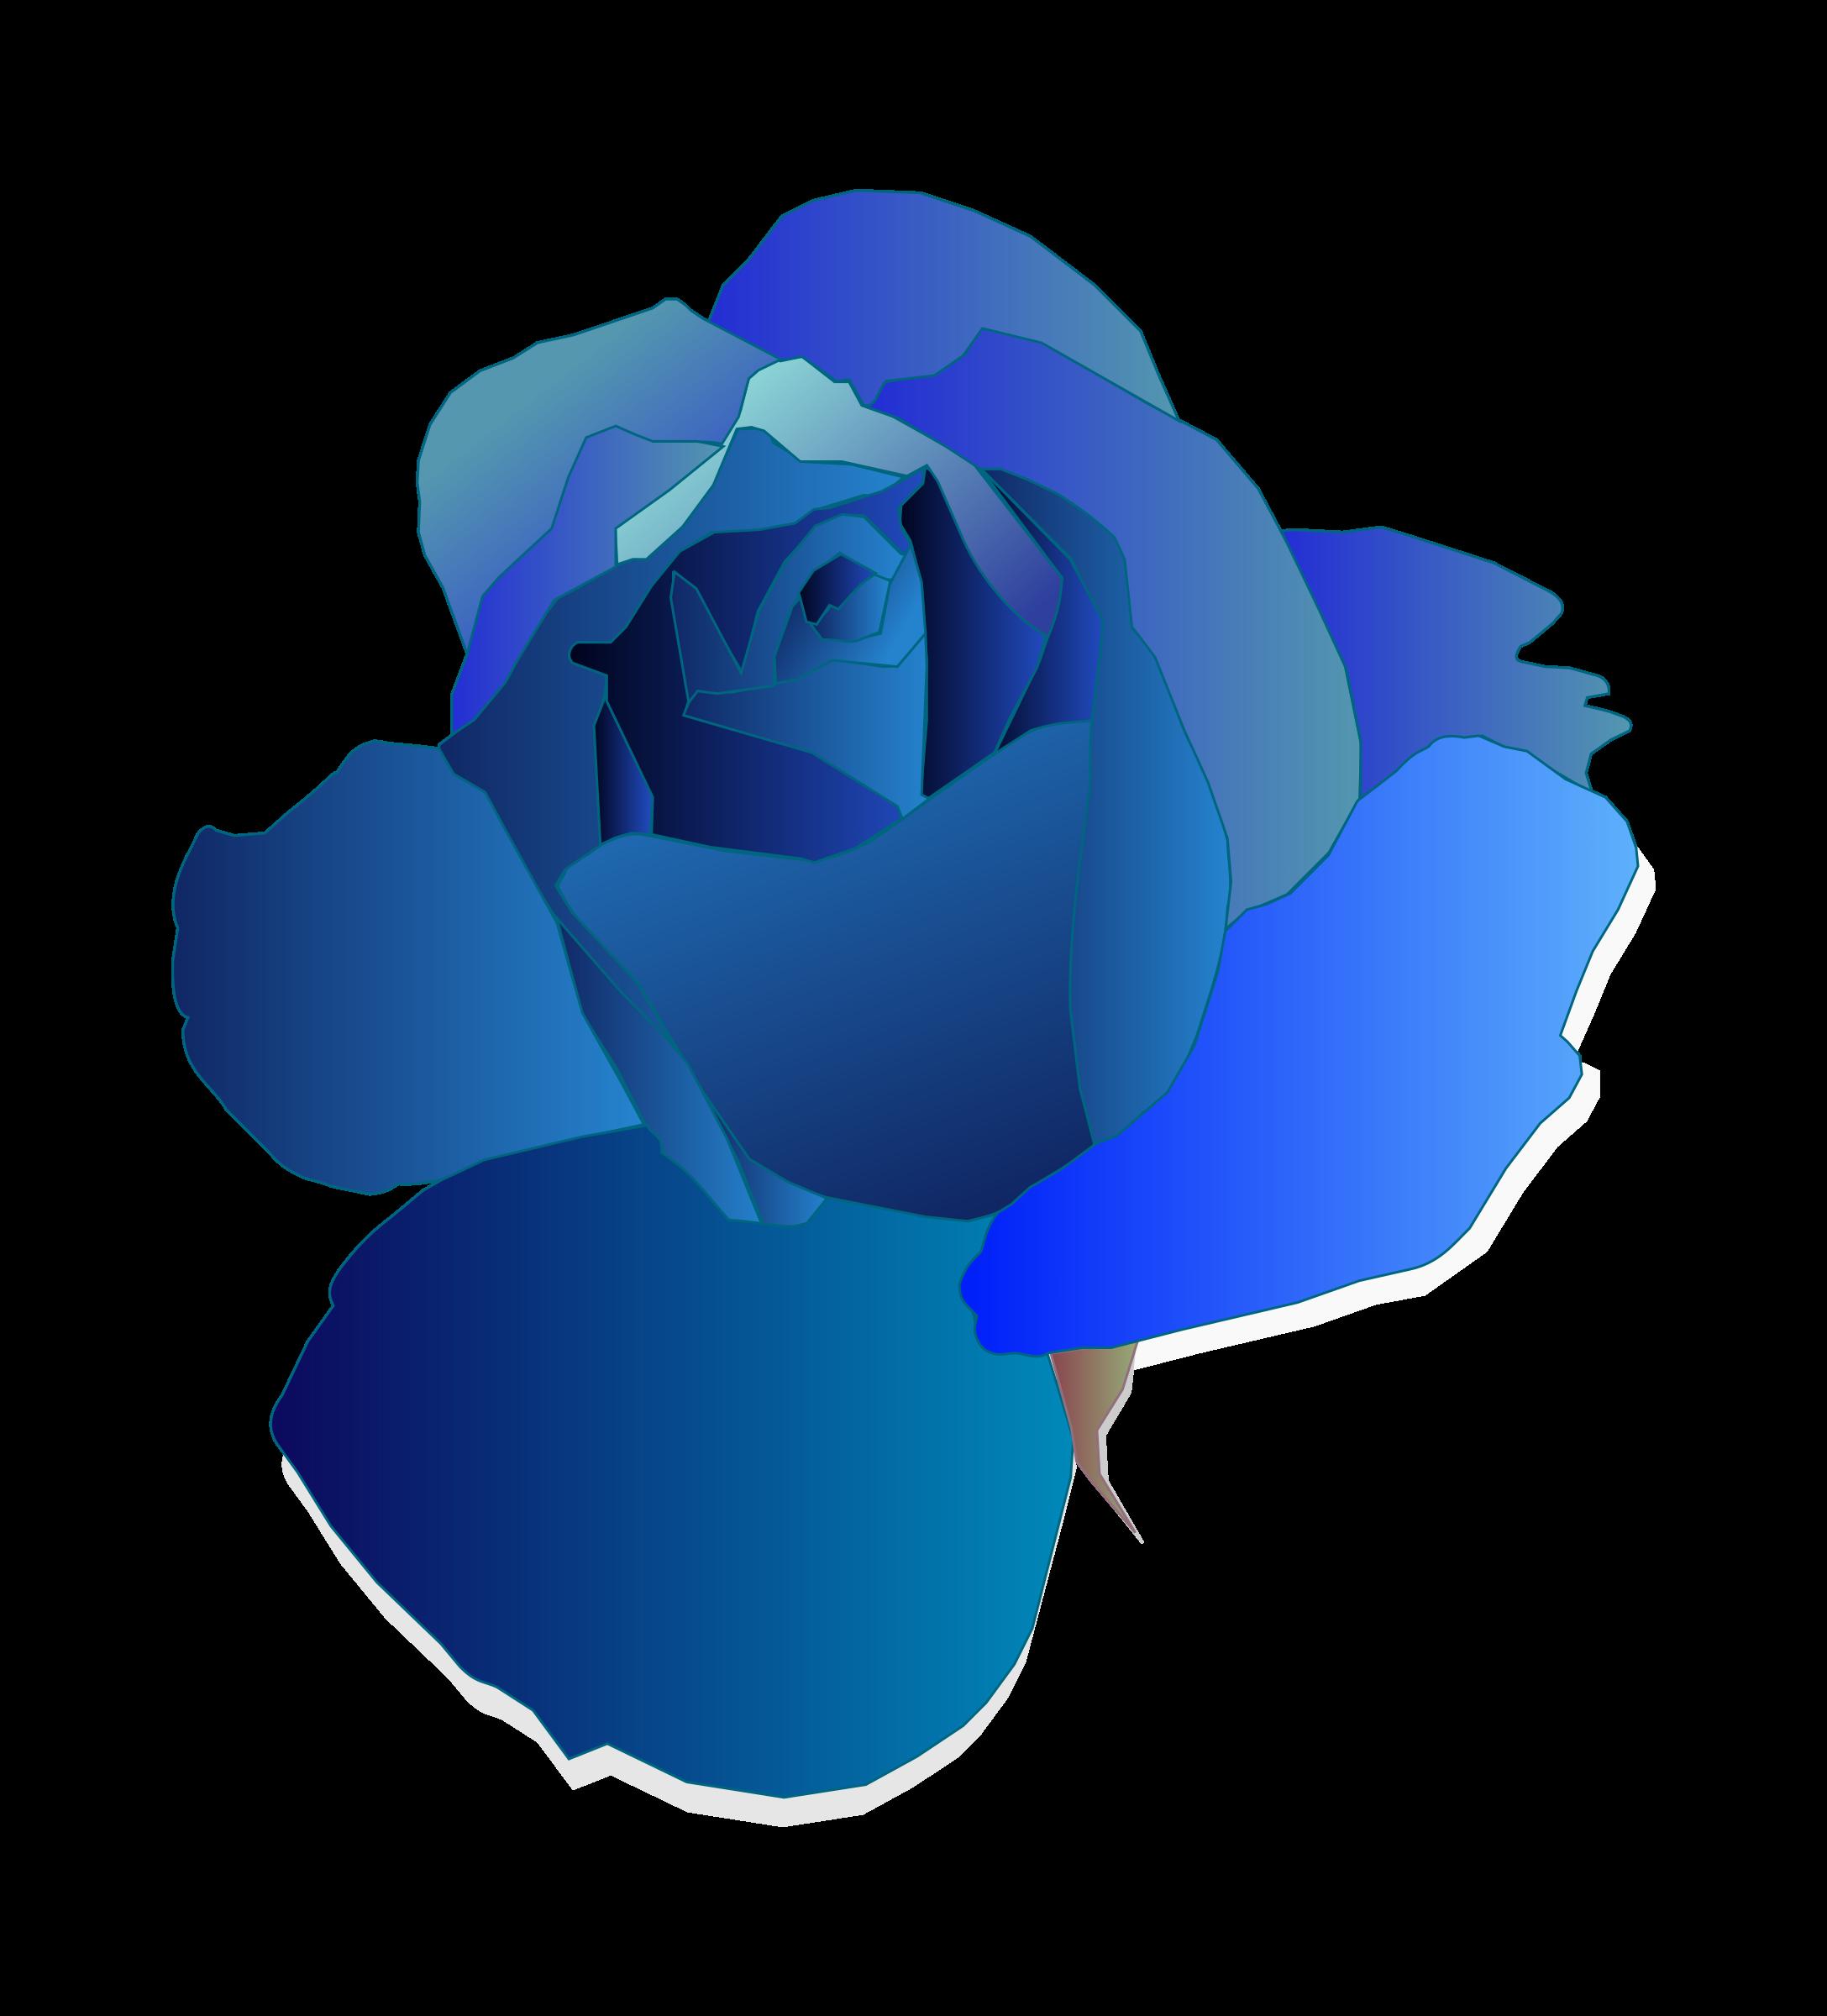 Blue flower clipart jpg freeuse stock Clipart - Blue Rose jpg freeuse stock